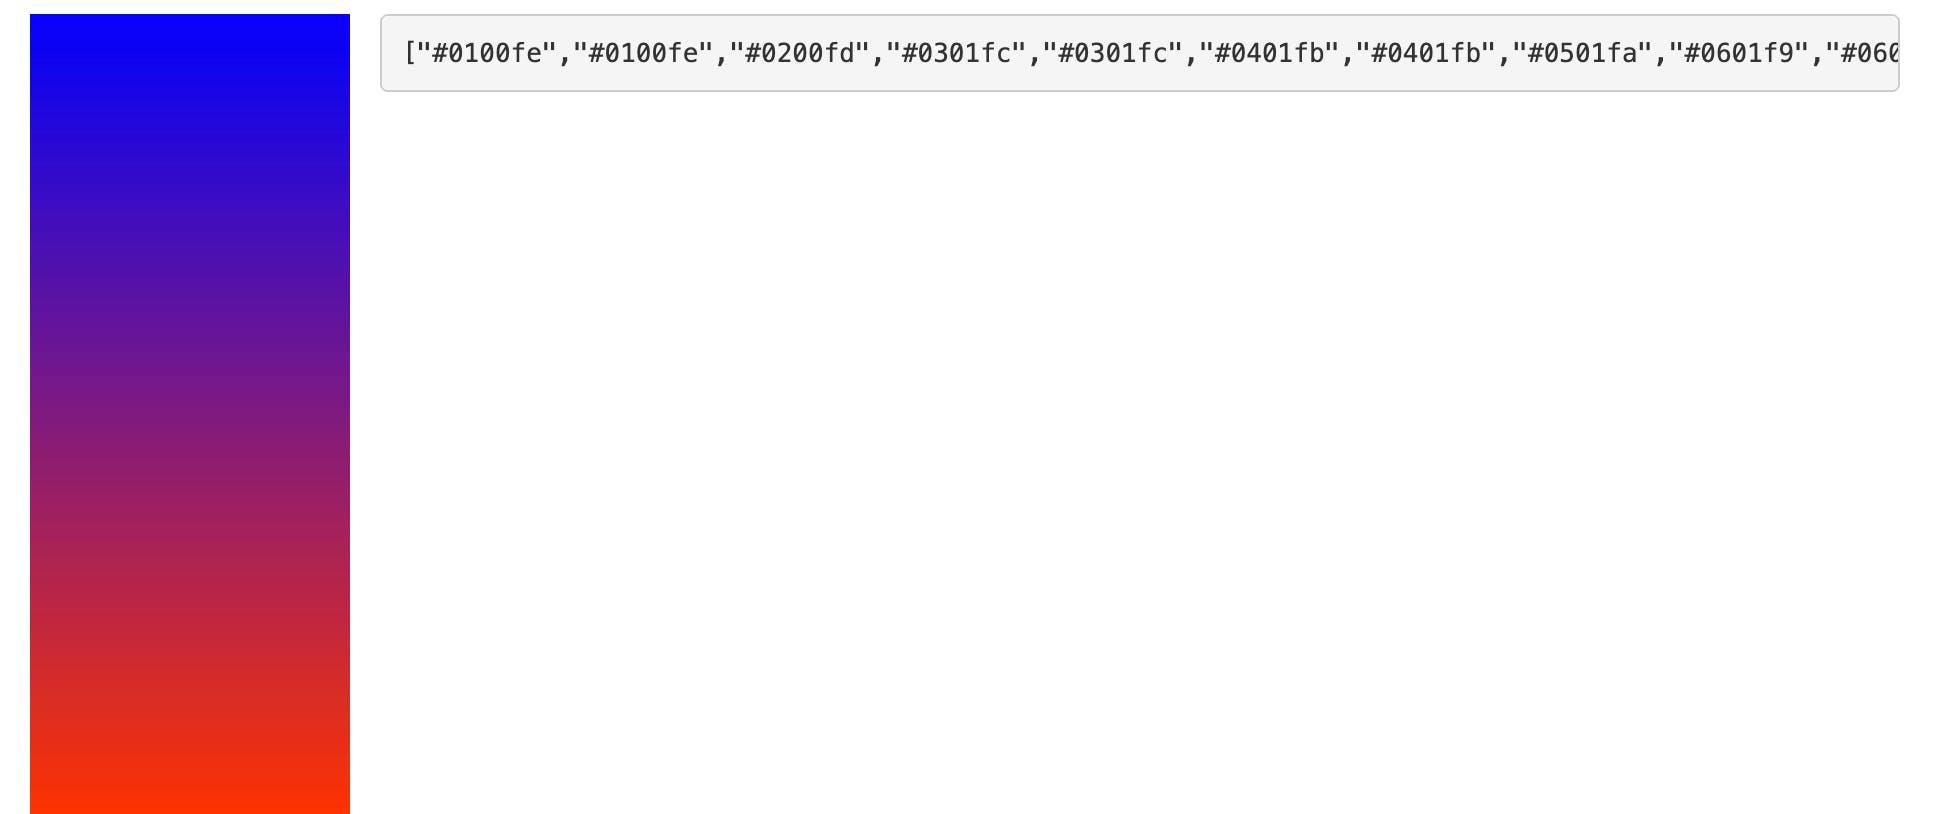 Screenshot 2021-02-04 at 12.25.53 AM.png